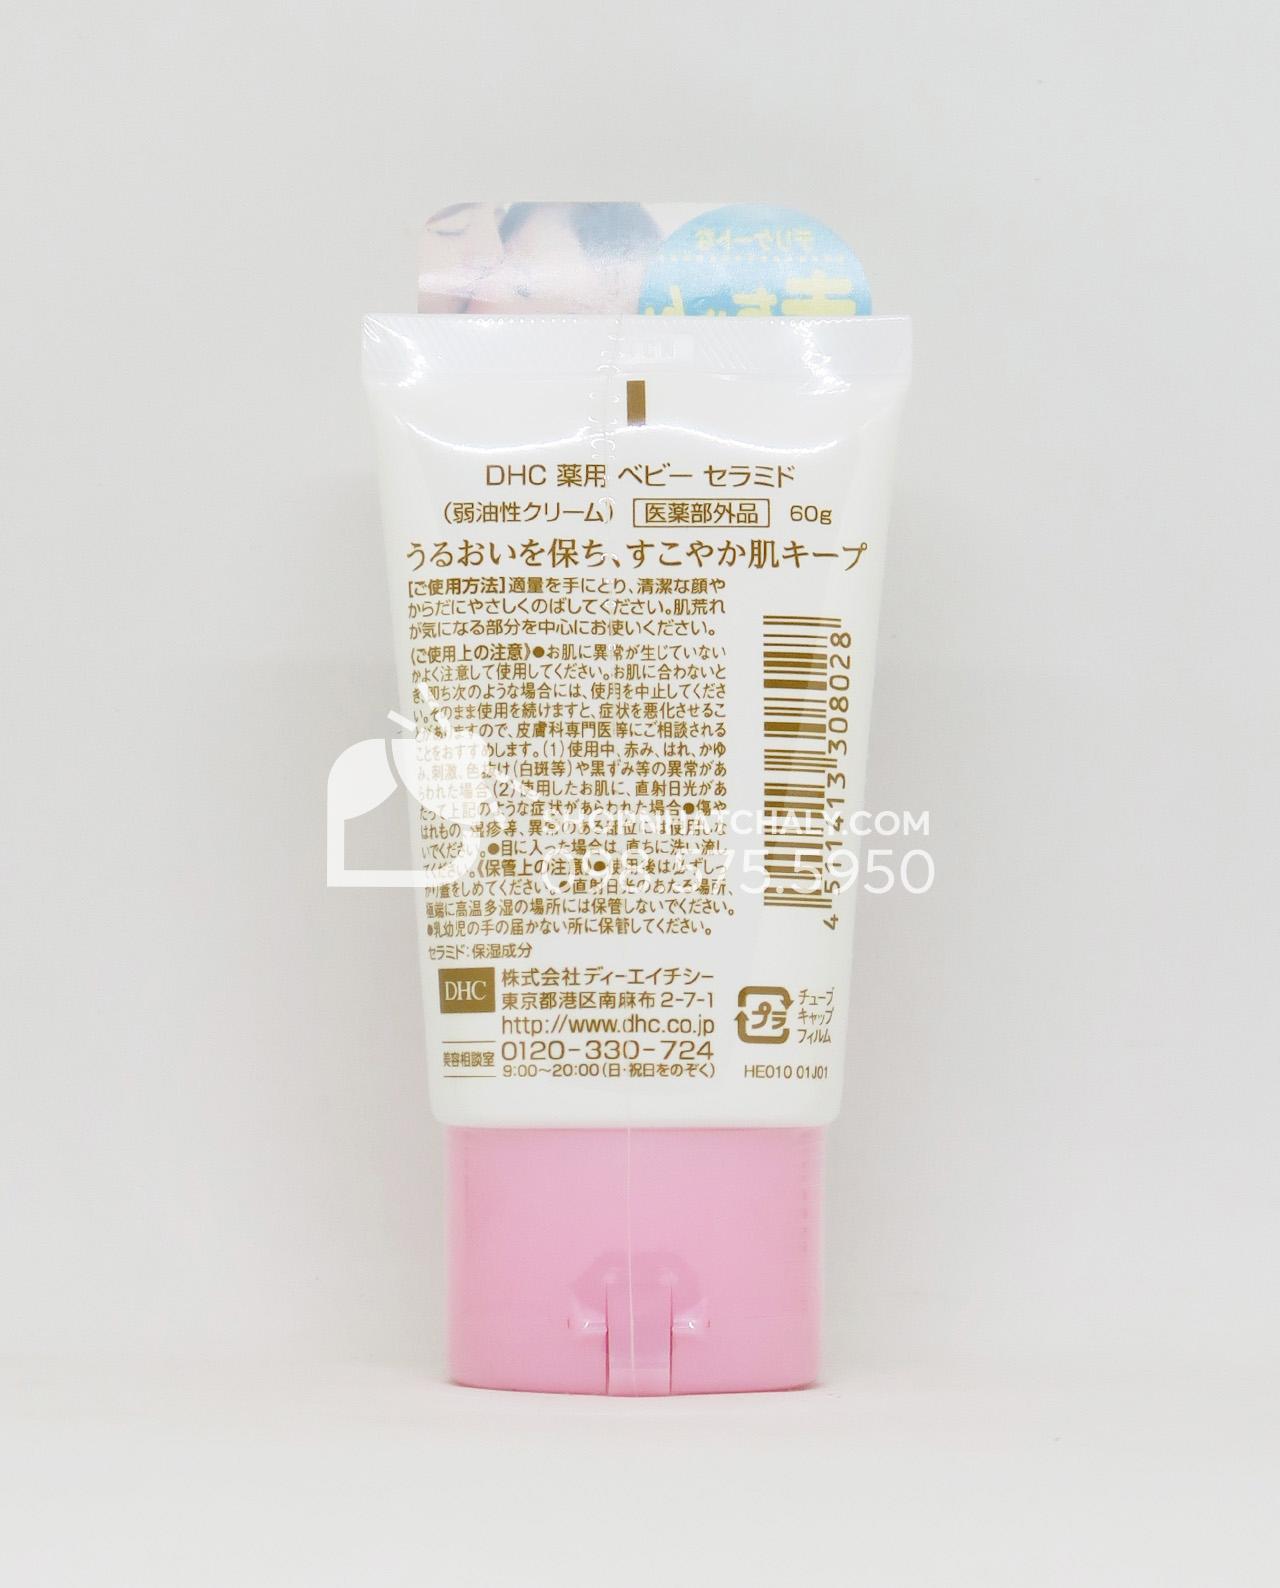 Tuýp kem dưỡng ẩm cho bé của Nhật DHC medicated baby 60g dùng được khoảng 3 tháng